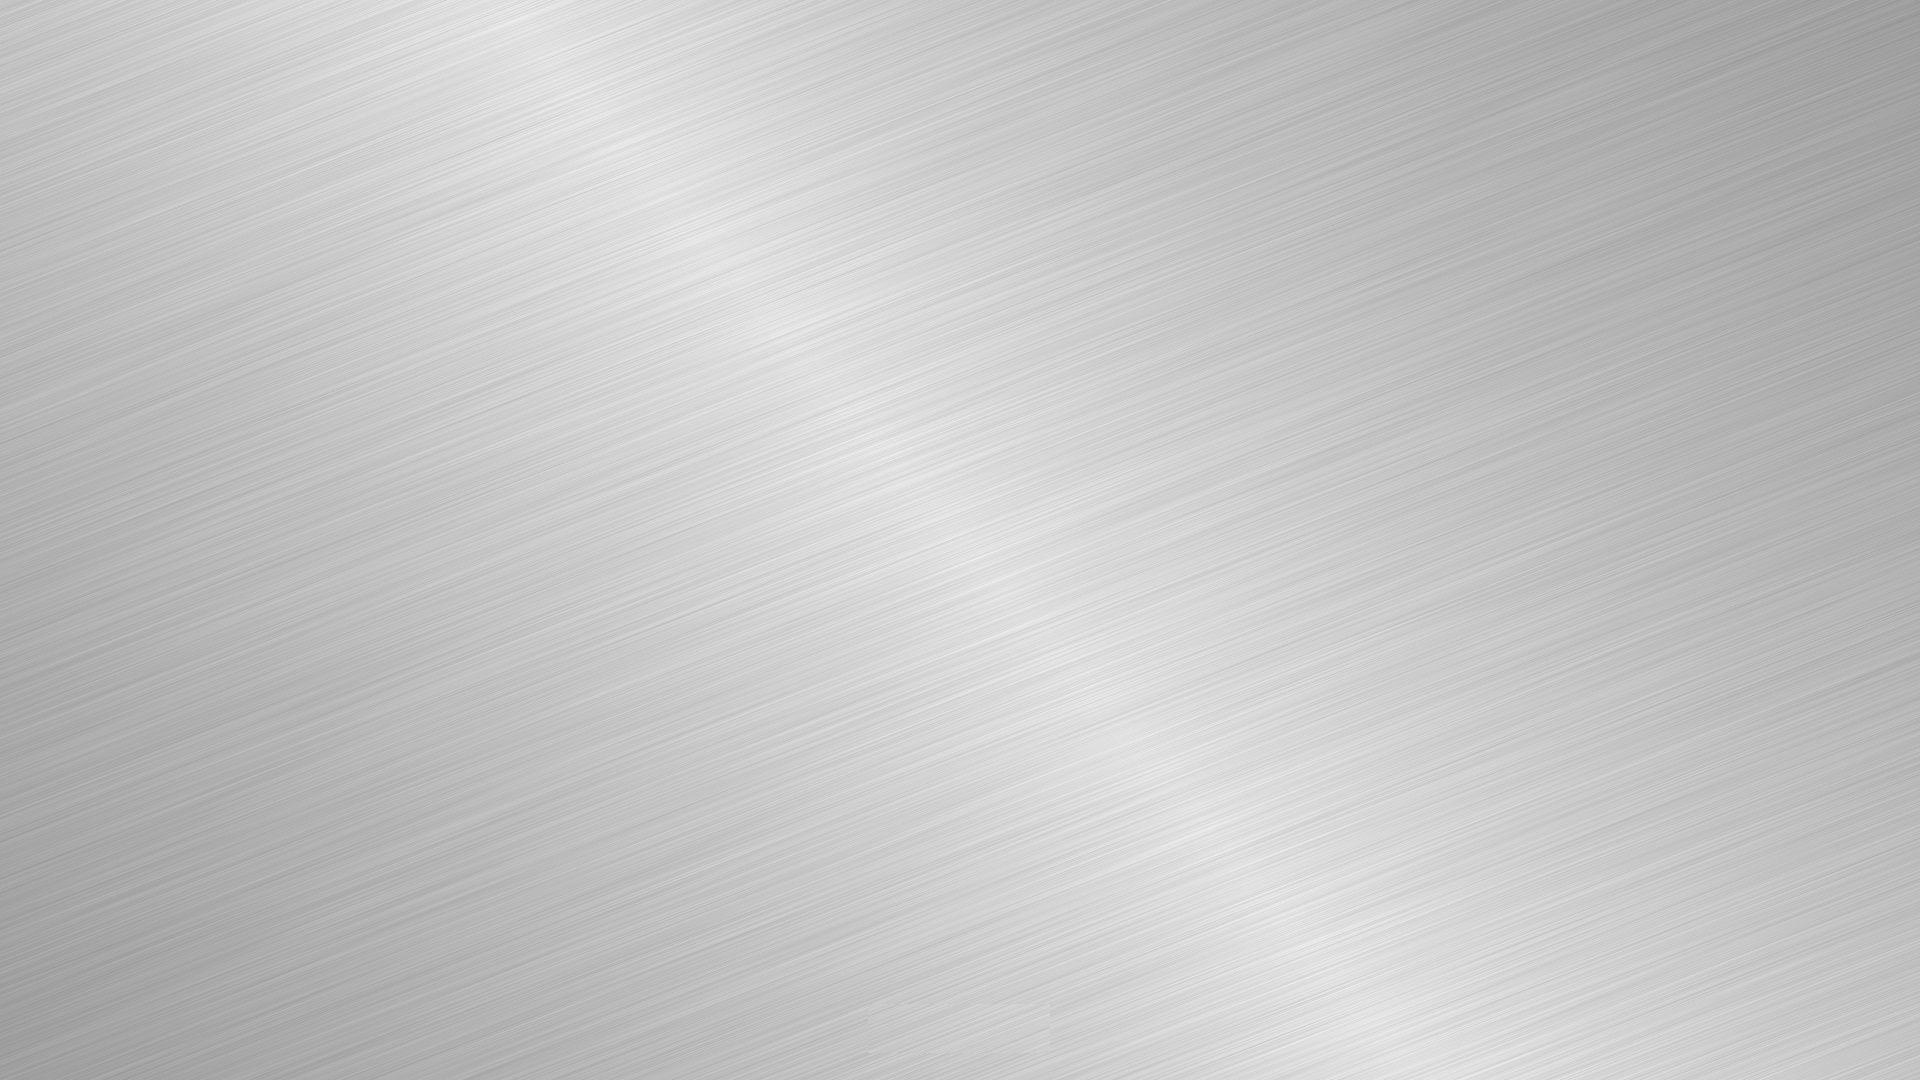 Silver wallpaper picture hd